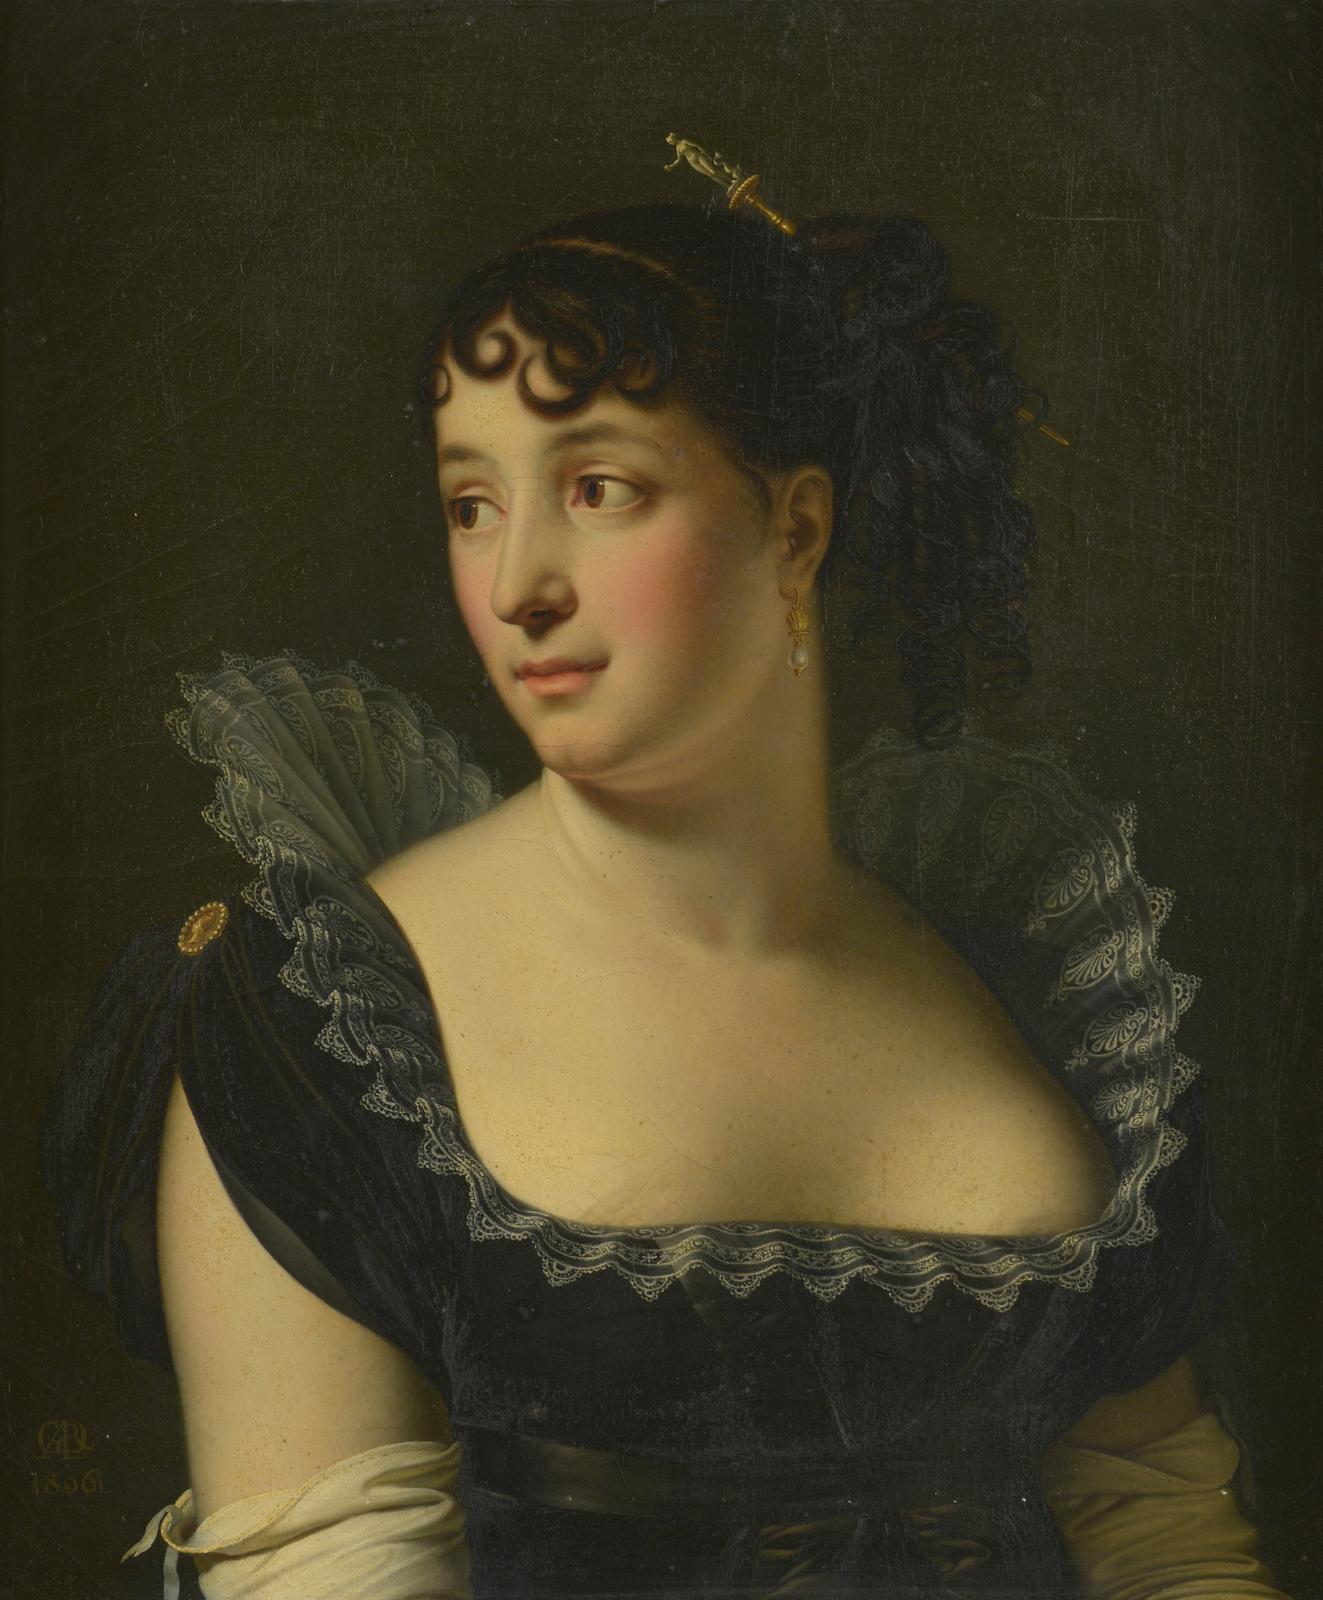 Anne-Louis Girodet-Trioson (1767-1824), Portrait de Madame Bertin de Veaux en buste, 1806, huile sur toile, 65,5x55cm. Estimation: 80000/100000